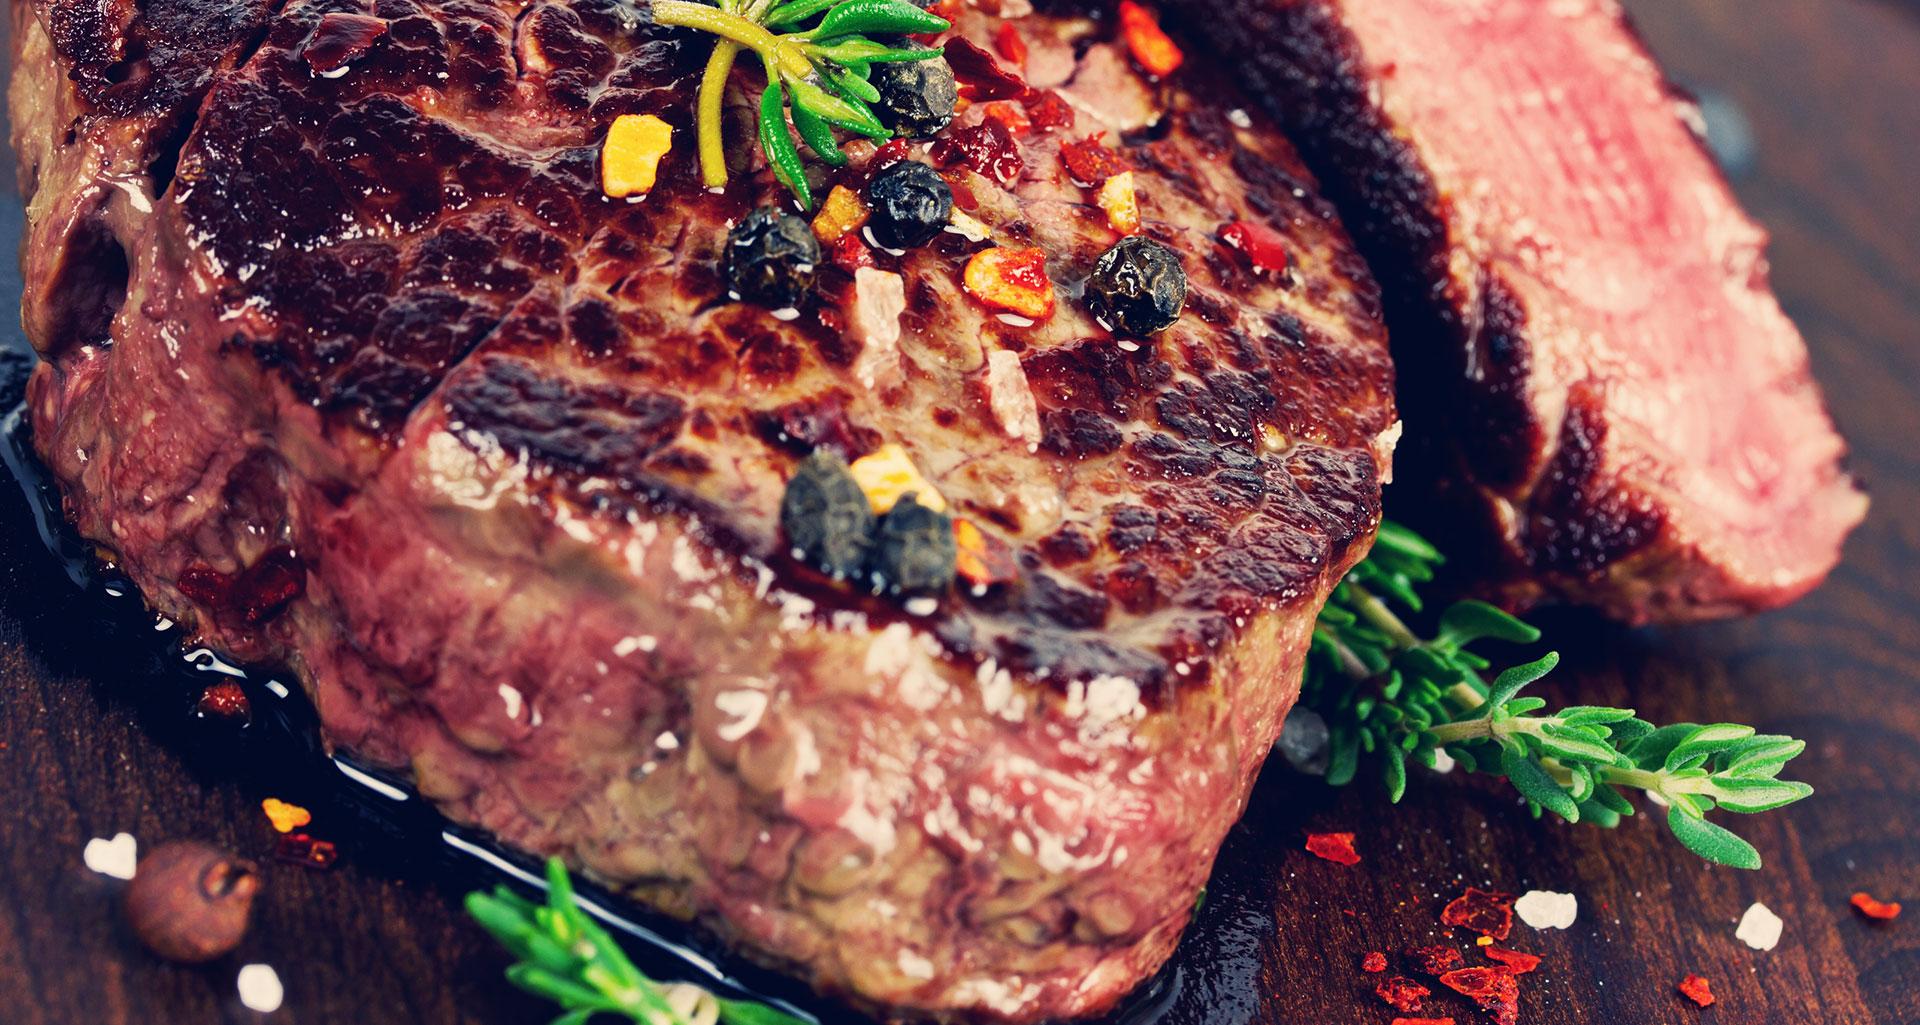 Schmecken Sie den Ursprung des Fleisches